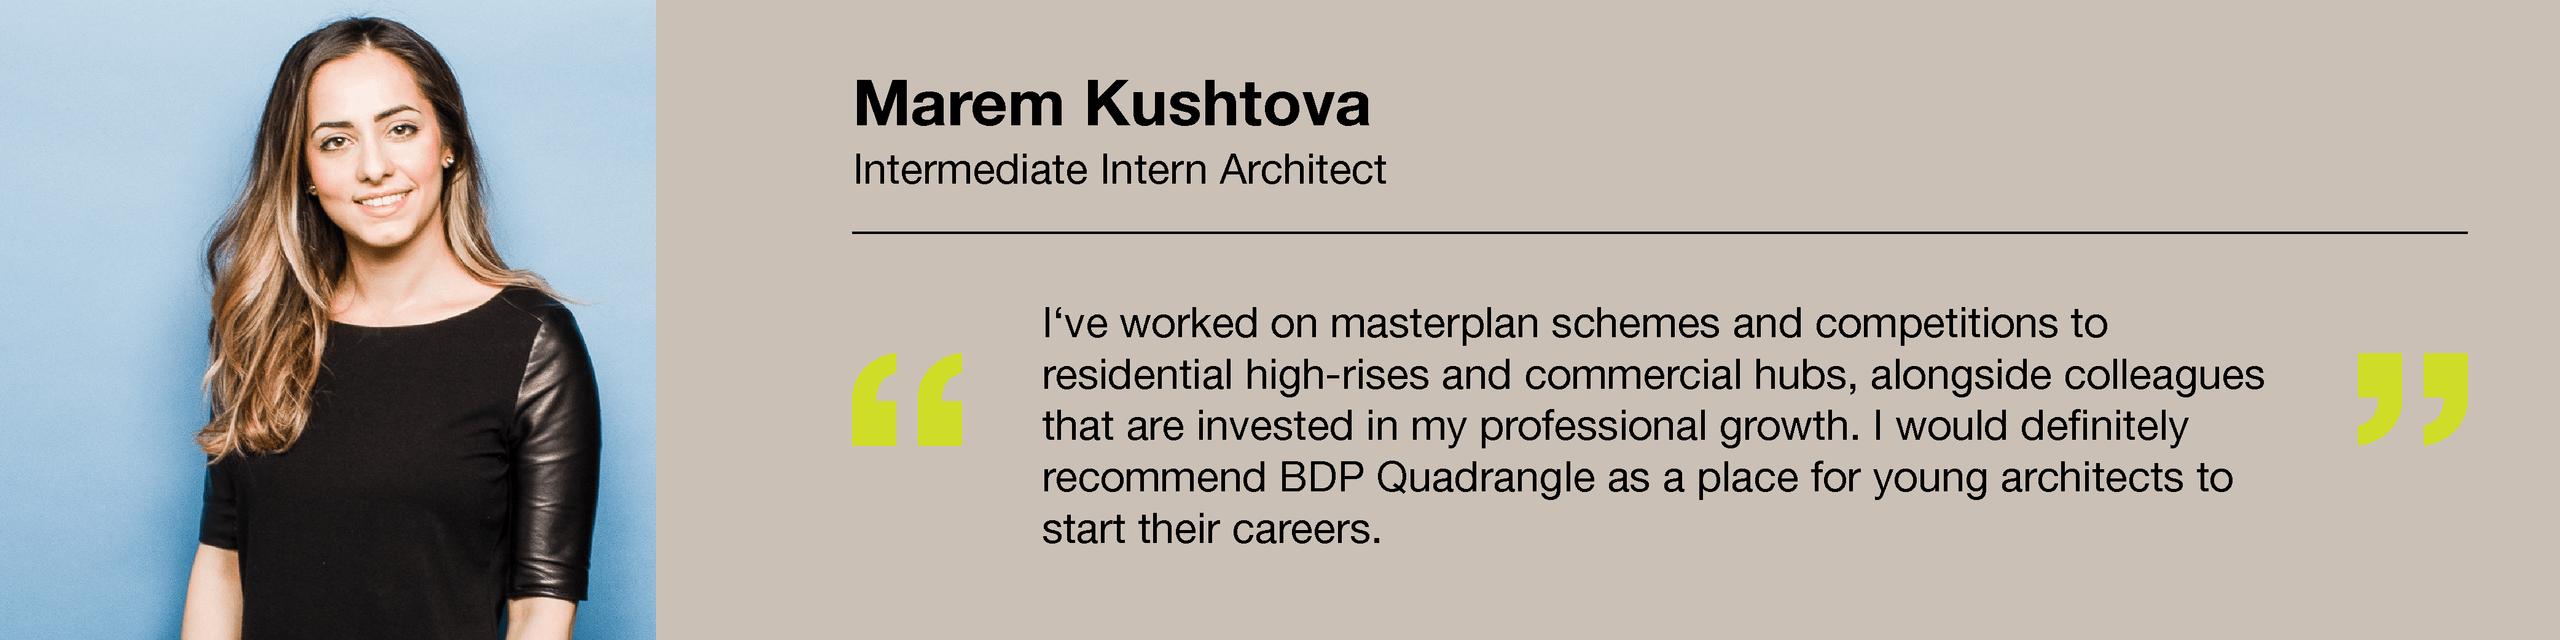 Testimonials - Marem Kushtova